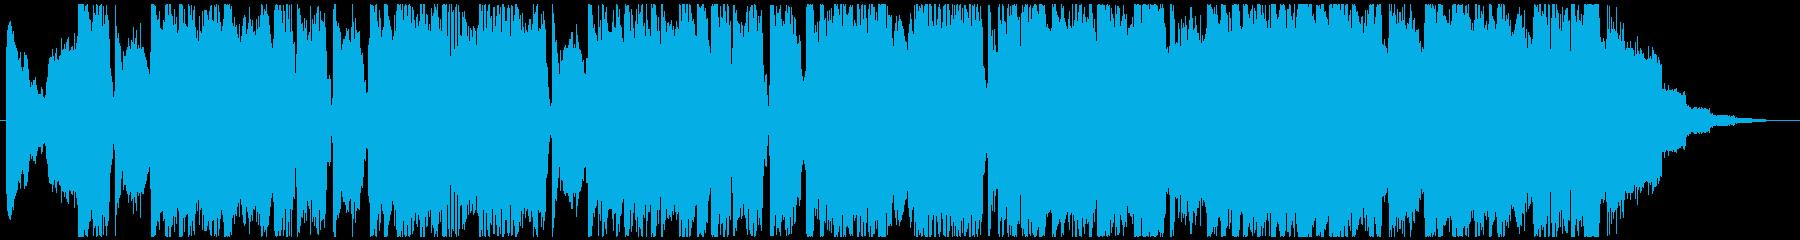 メタル 積極的 焦り 劇的な 神経...の再生済みの波形